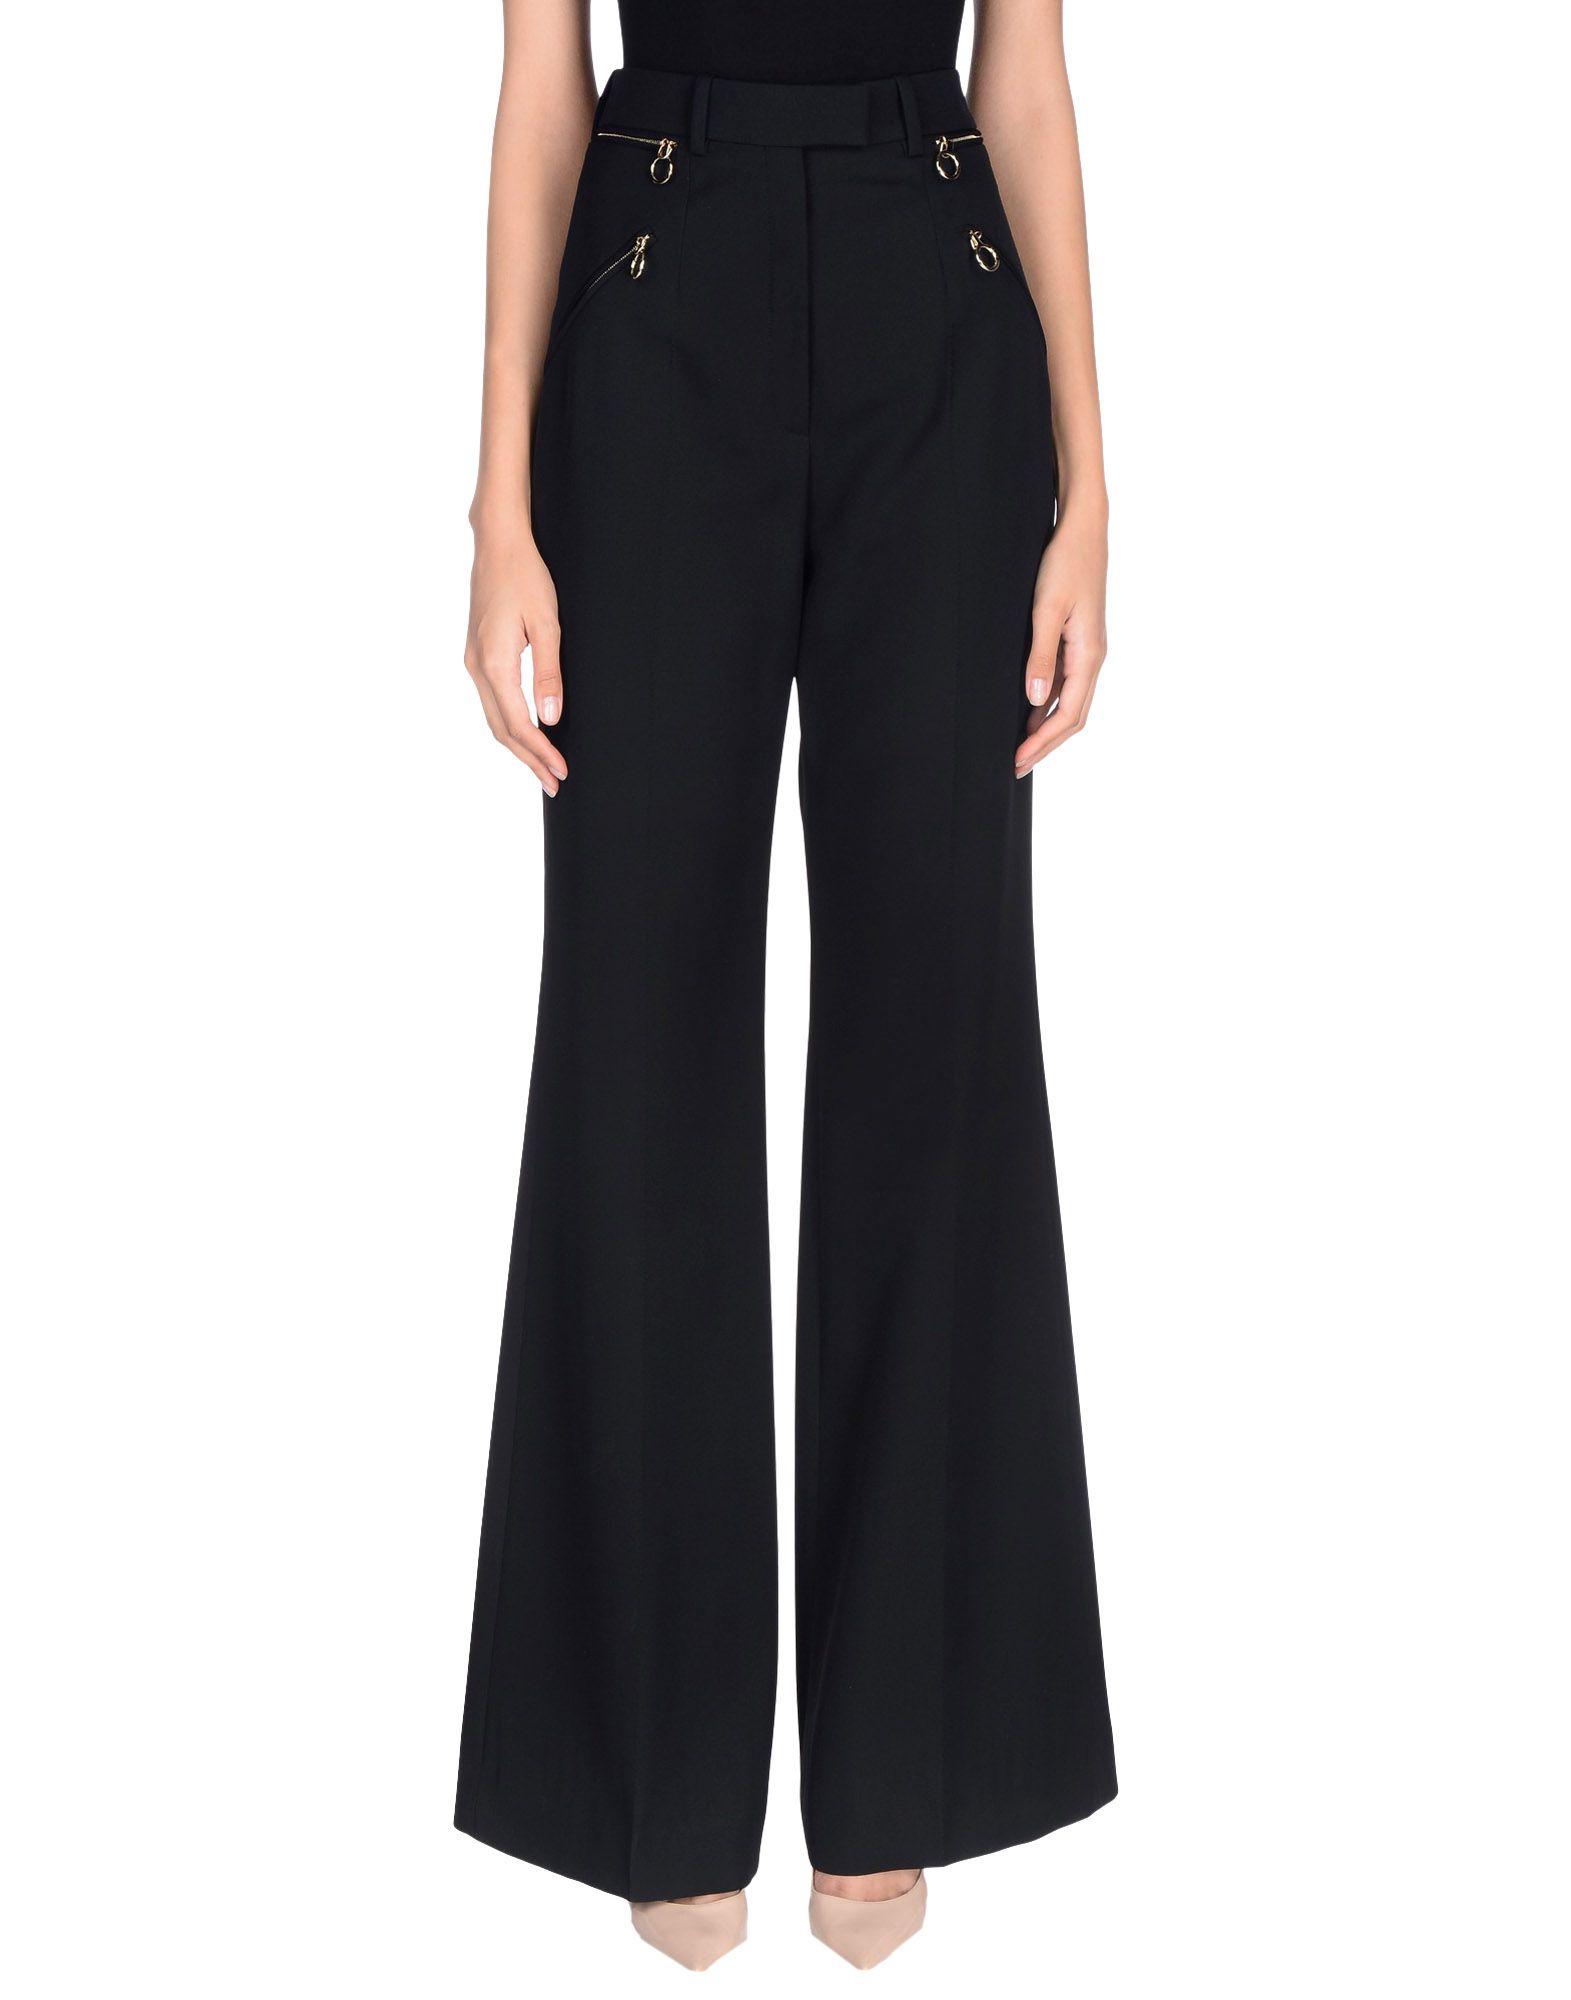 Pantalone Nina Ricci Donna - Acquista online su 5576TL